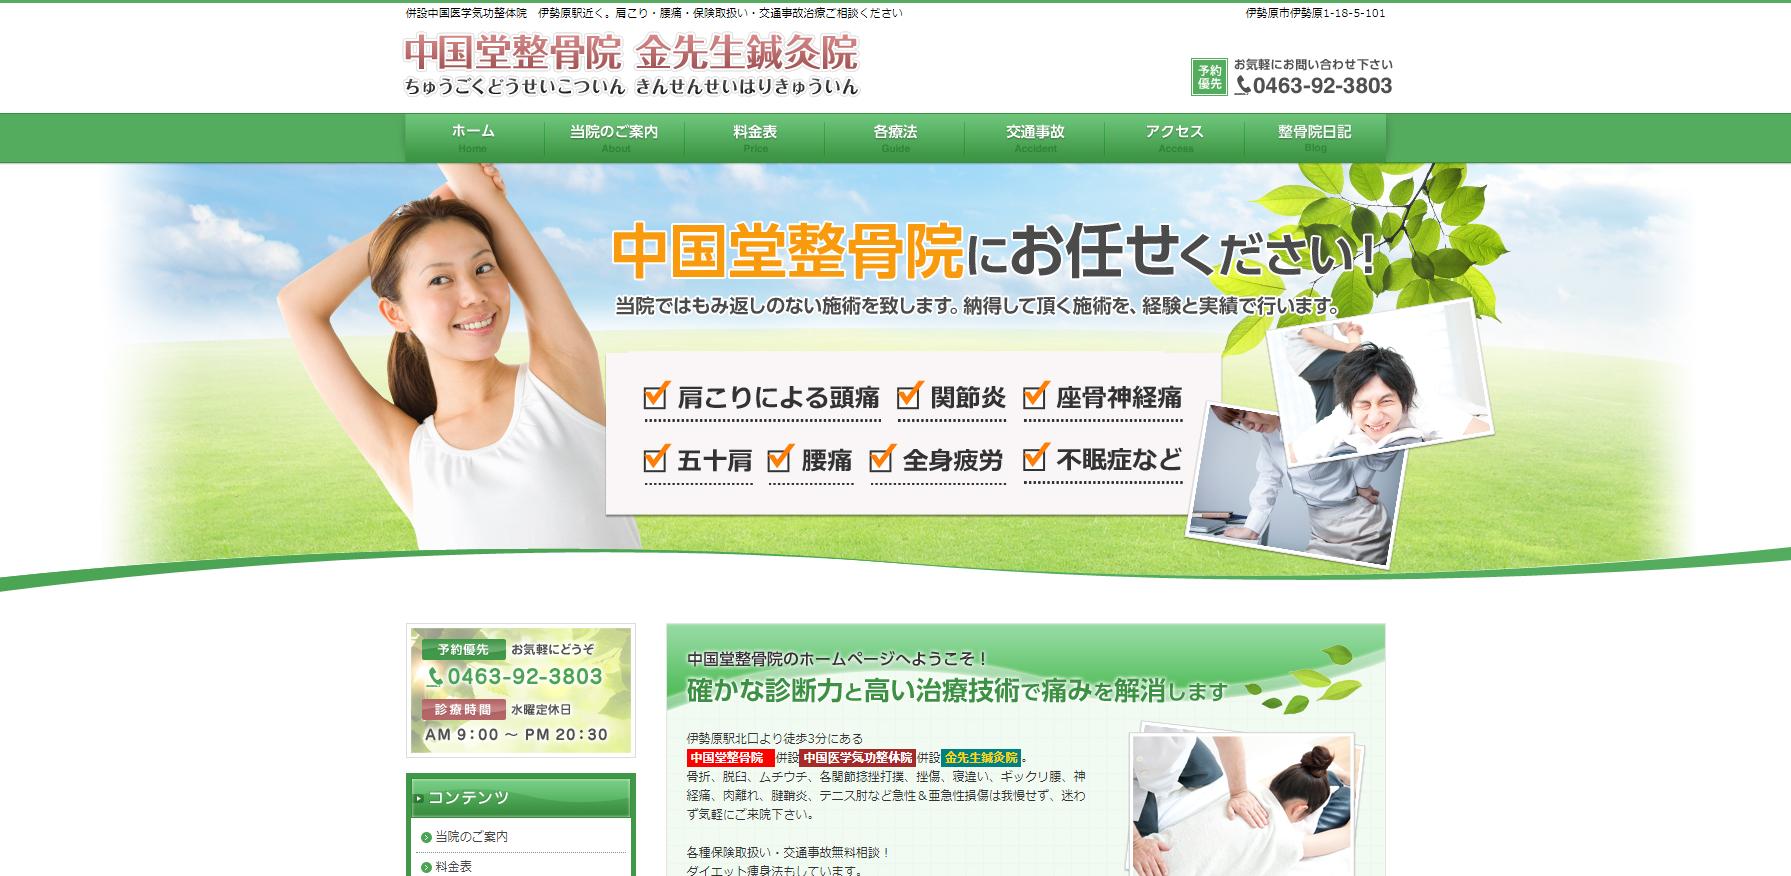 中国医学気功整体院のサムネイル